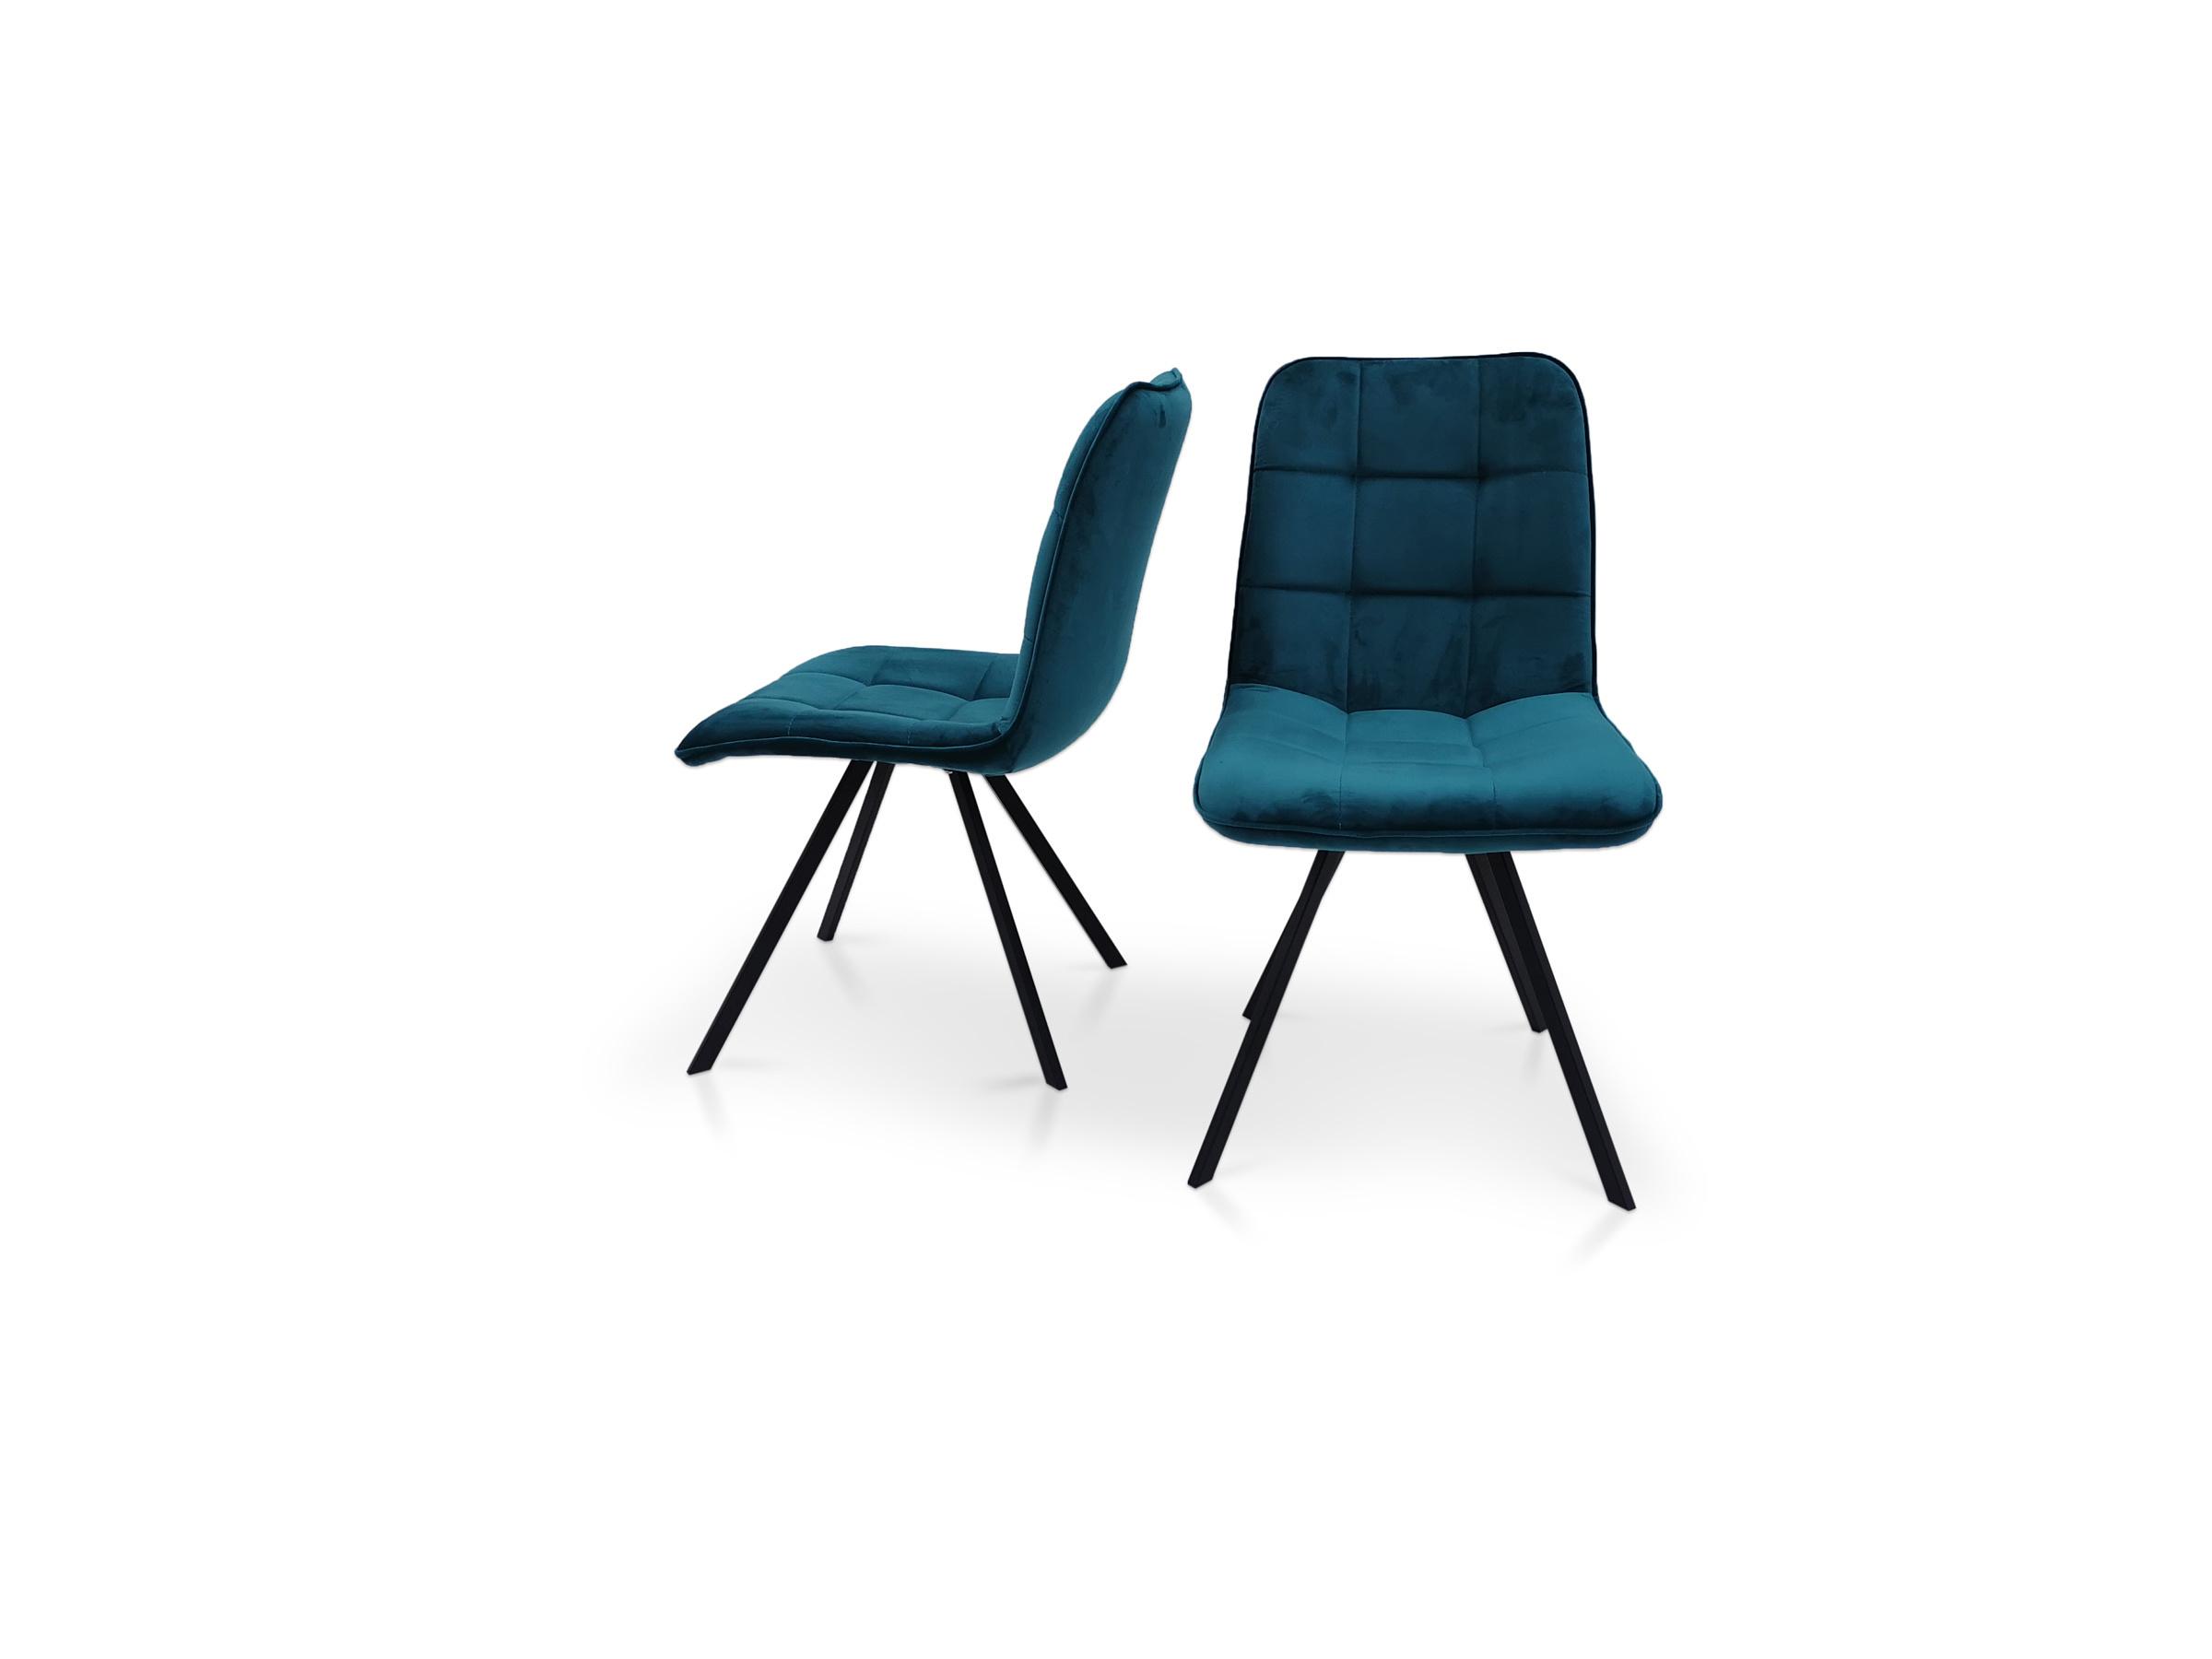 Krzesło na metalowej czarnej nodze piękny kształt z przeszyciami na siedzisku i oparciu